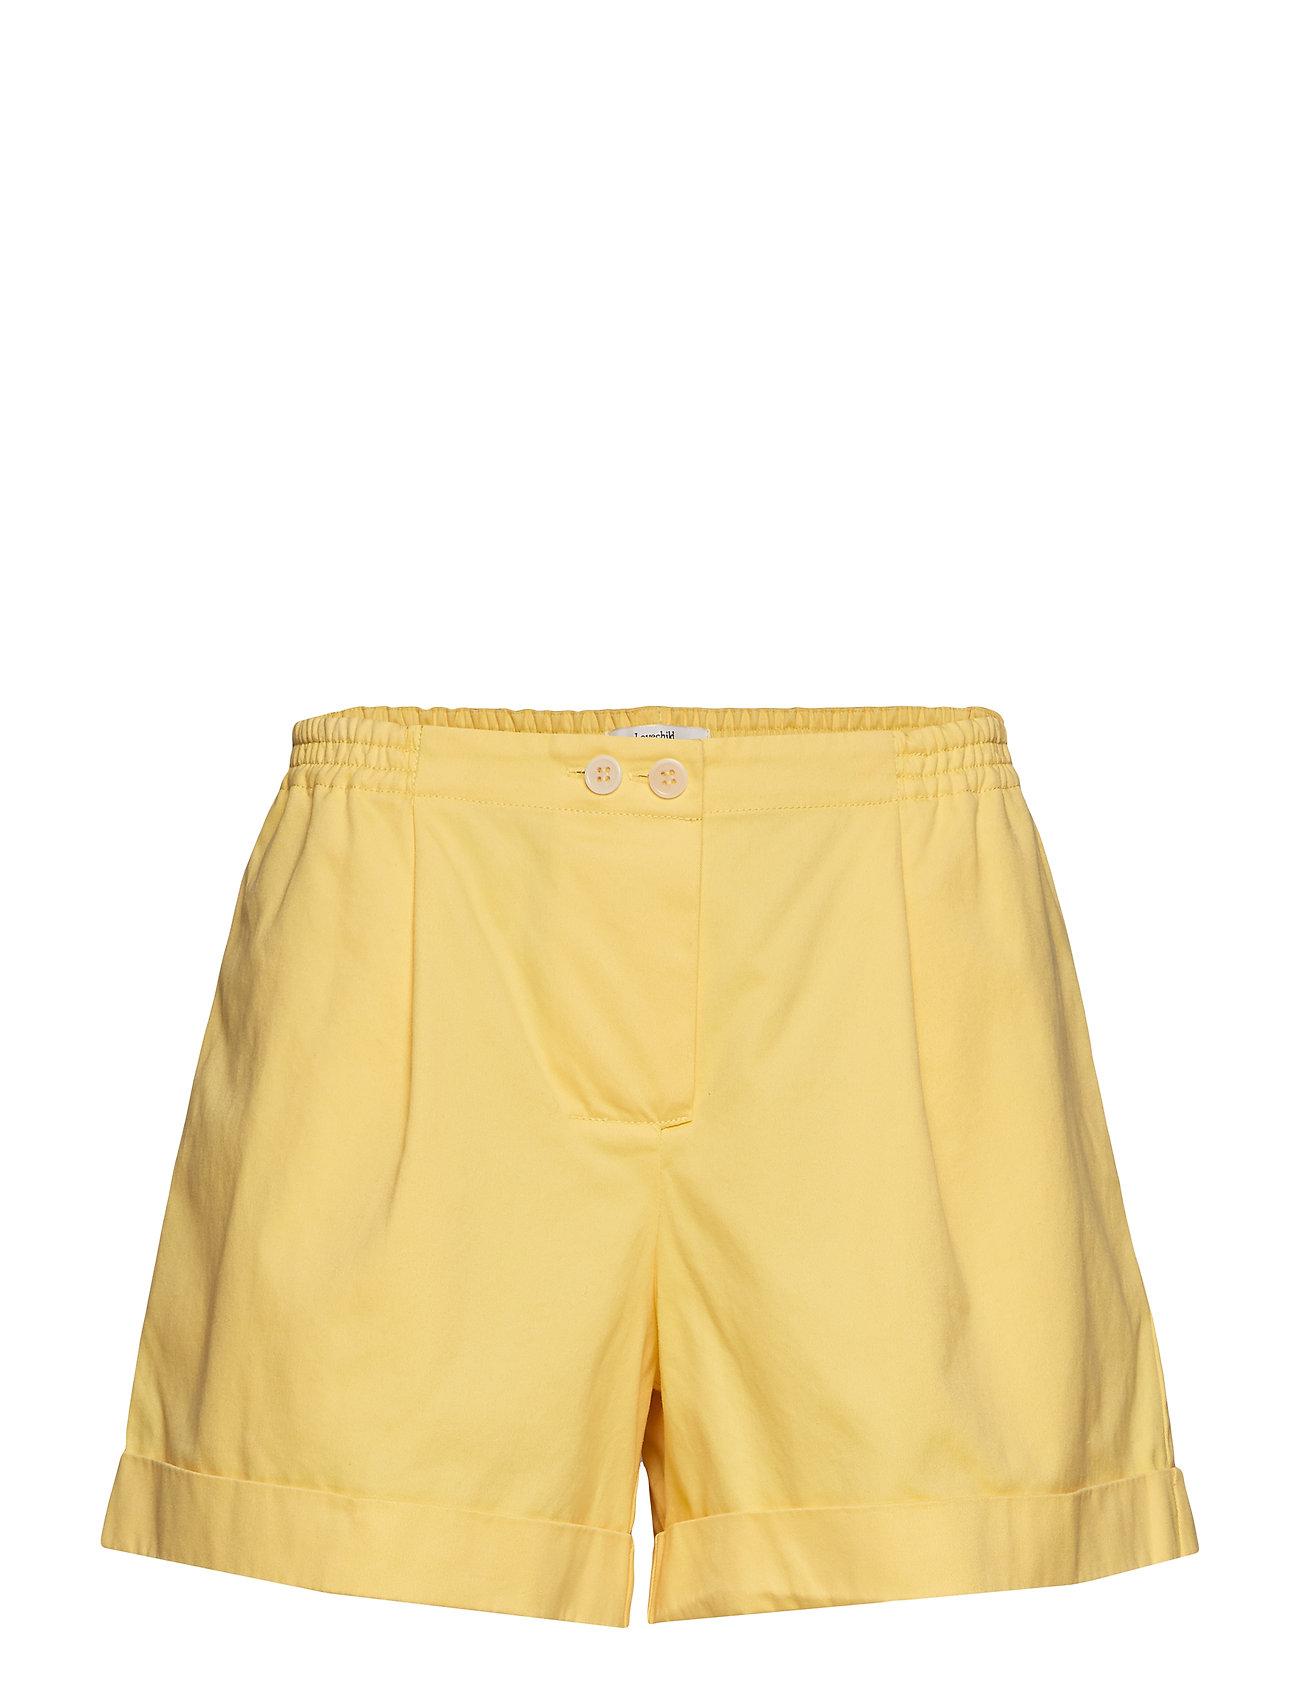 Lovechild 1979 Obi Shorts - BANANA CREAM